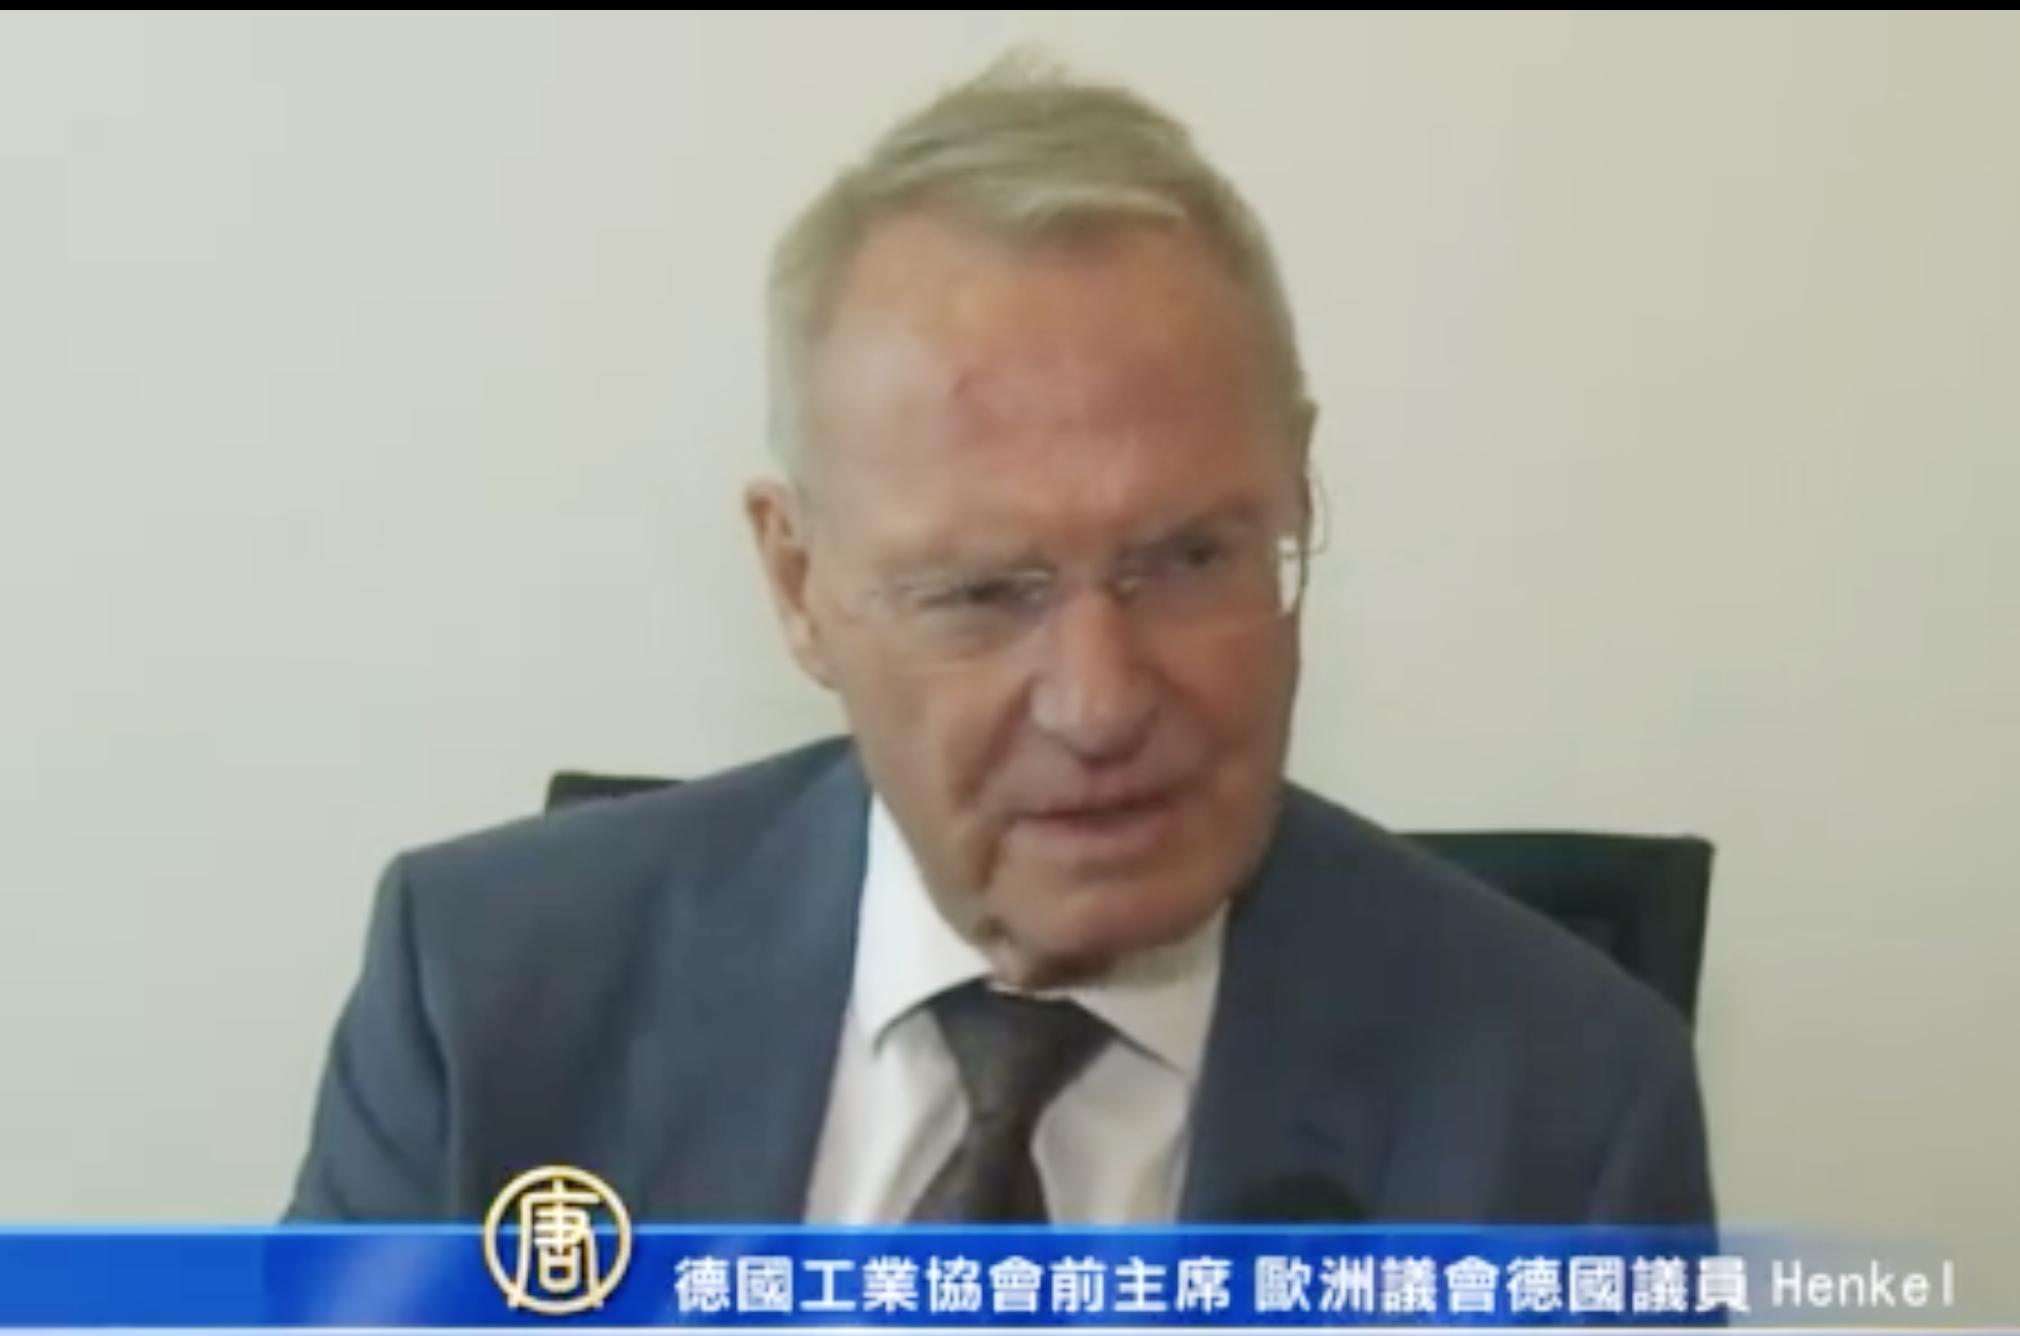 德國歐議會議員亨克(Hans-Olaf Henkel)極力支持聲明。(新唐人電視截圖)